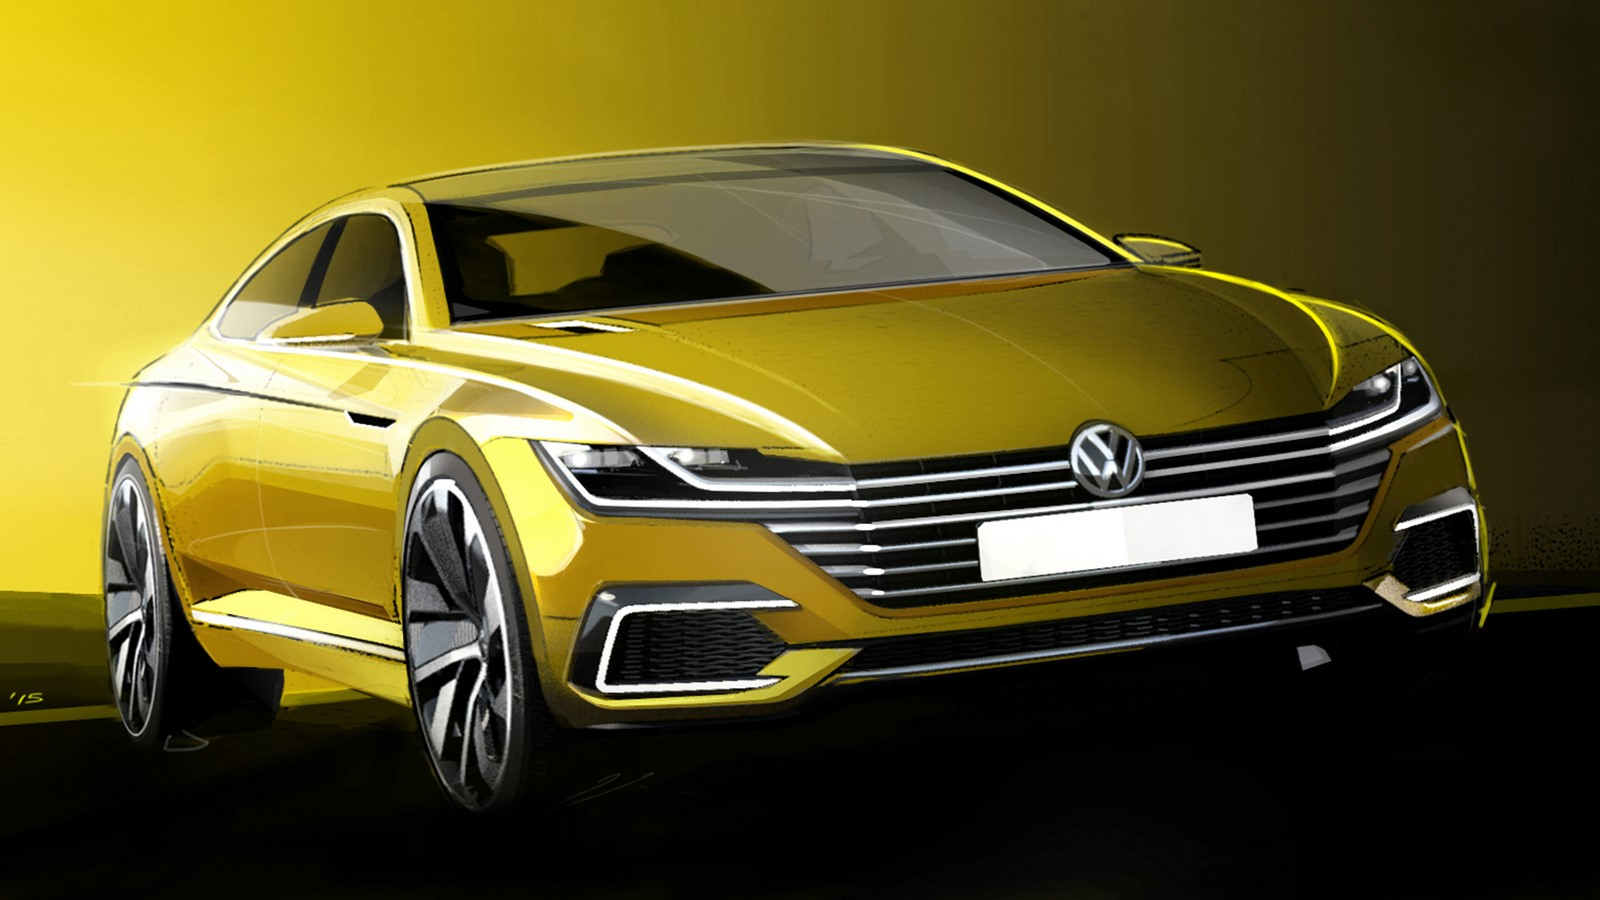 Η Volkswagen θα φέρει στη Γενεύη ένα CC Concept